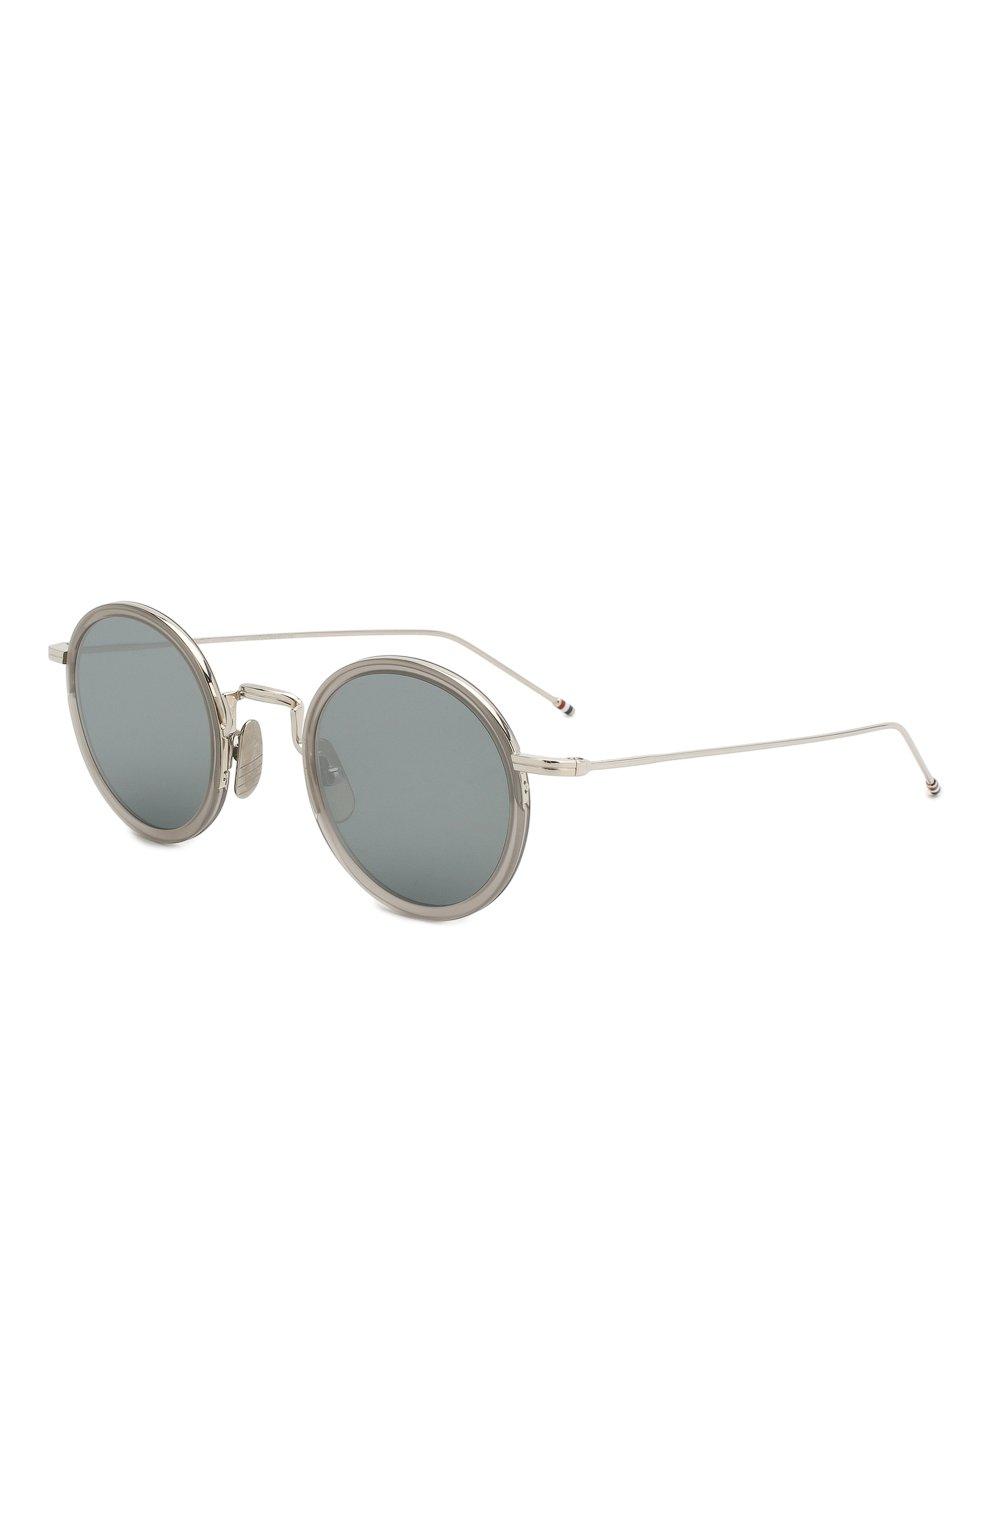 Женские солнцезащитные очки THOM BROWNE серого цвета, арт. TB-906 SUN-03 | Фото 1